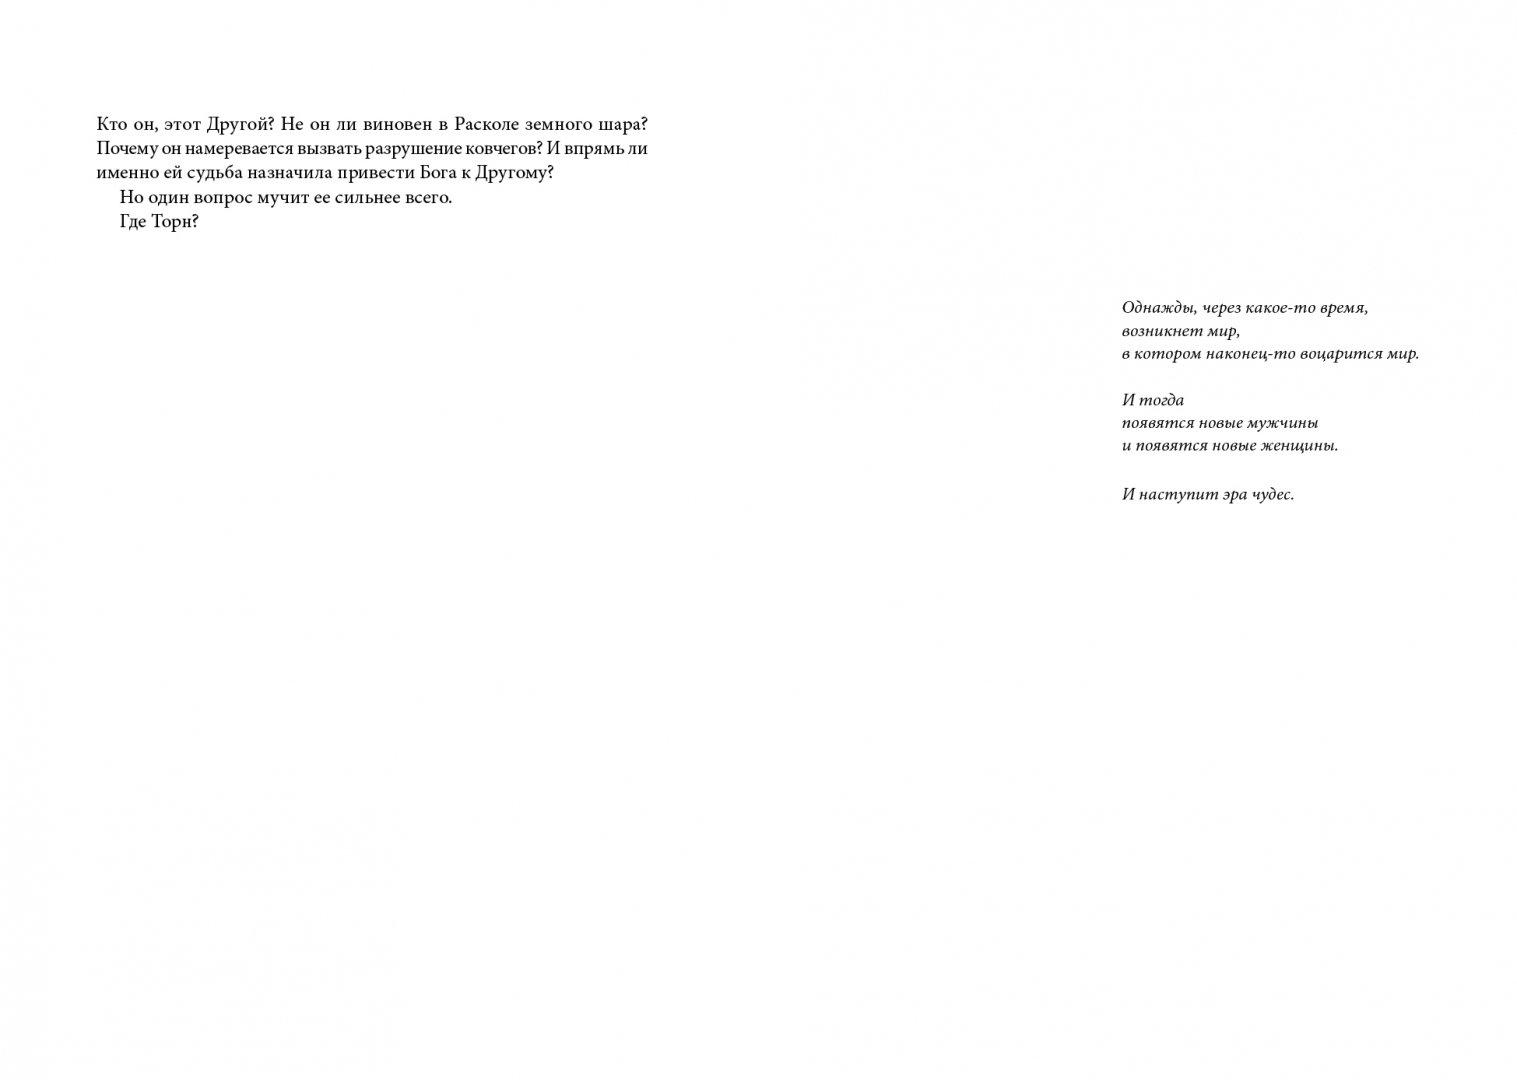 Иллюстрация 4 из 69 для Сквозь зеркала. Книга 3. Память Вавилона - Кристель Дабо   Лабиринт - книги. Источник: Лабиринт